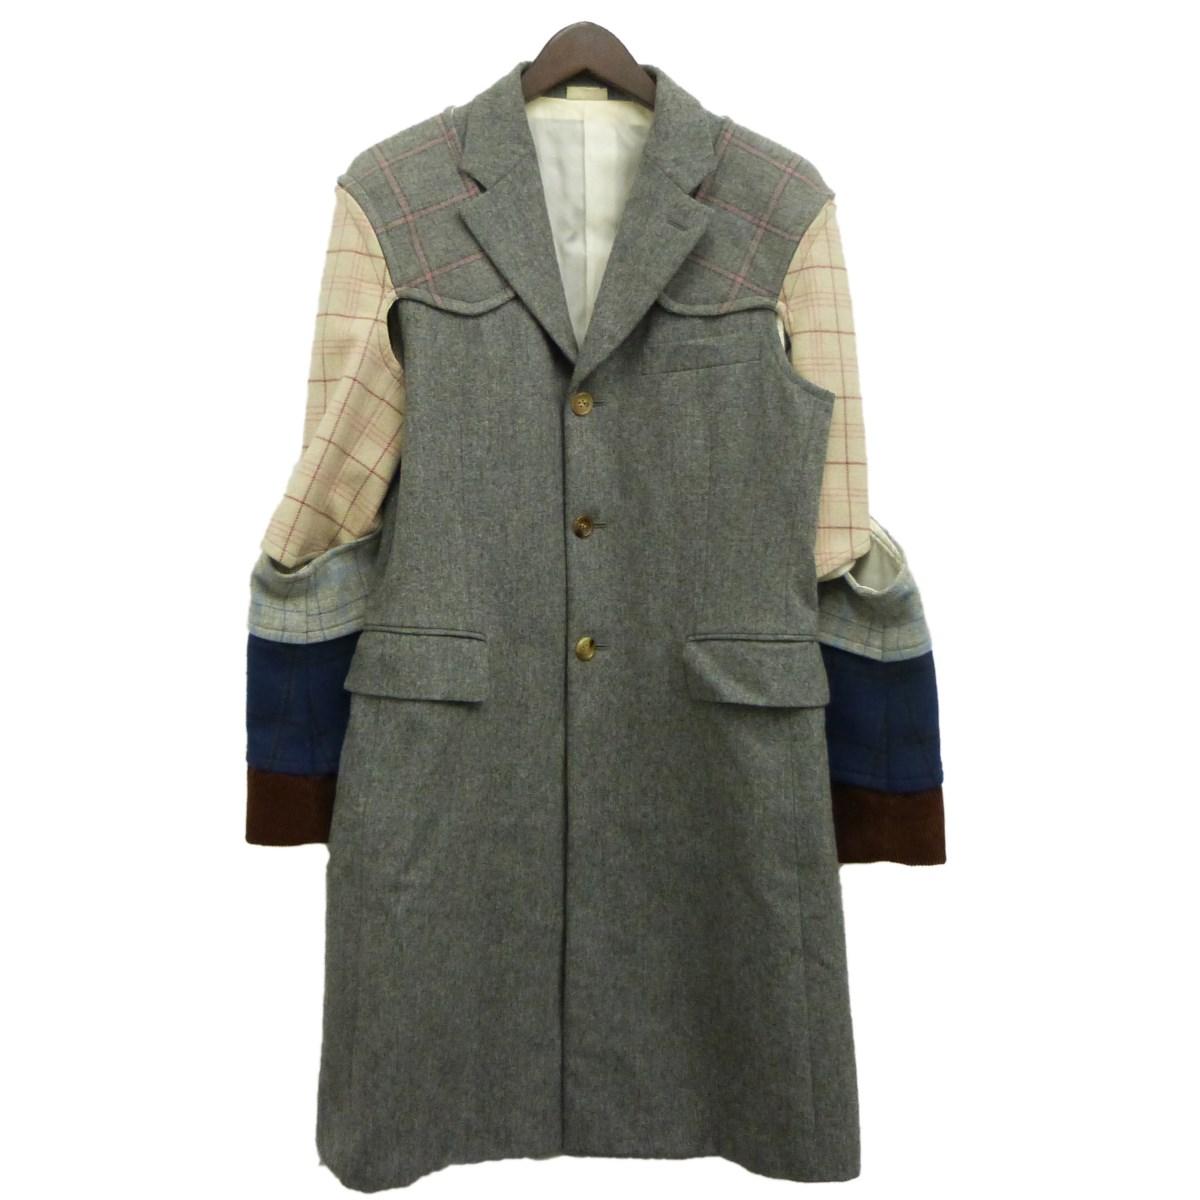 【中古】COMME des GARCONS HOMME PLUS16AW鎧コート グレー サイズ:S 【4月23日見直し】